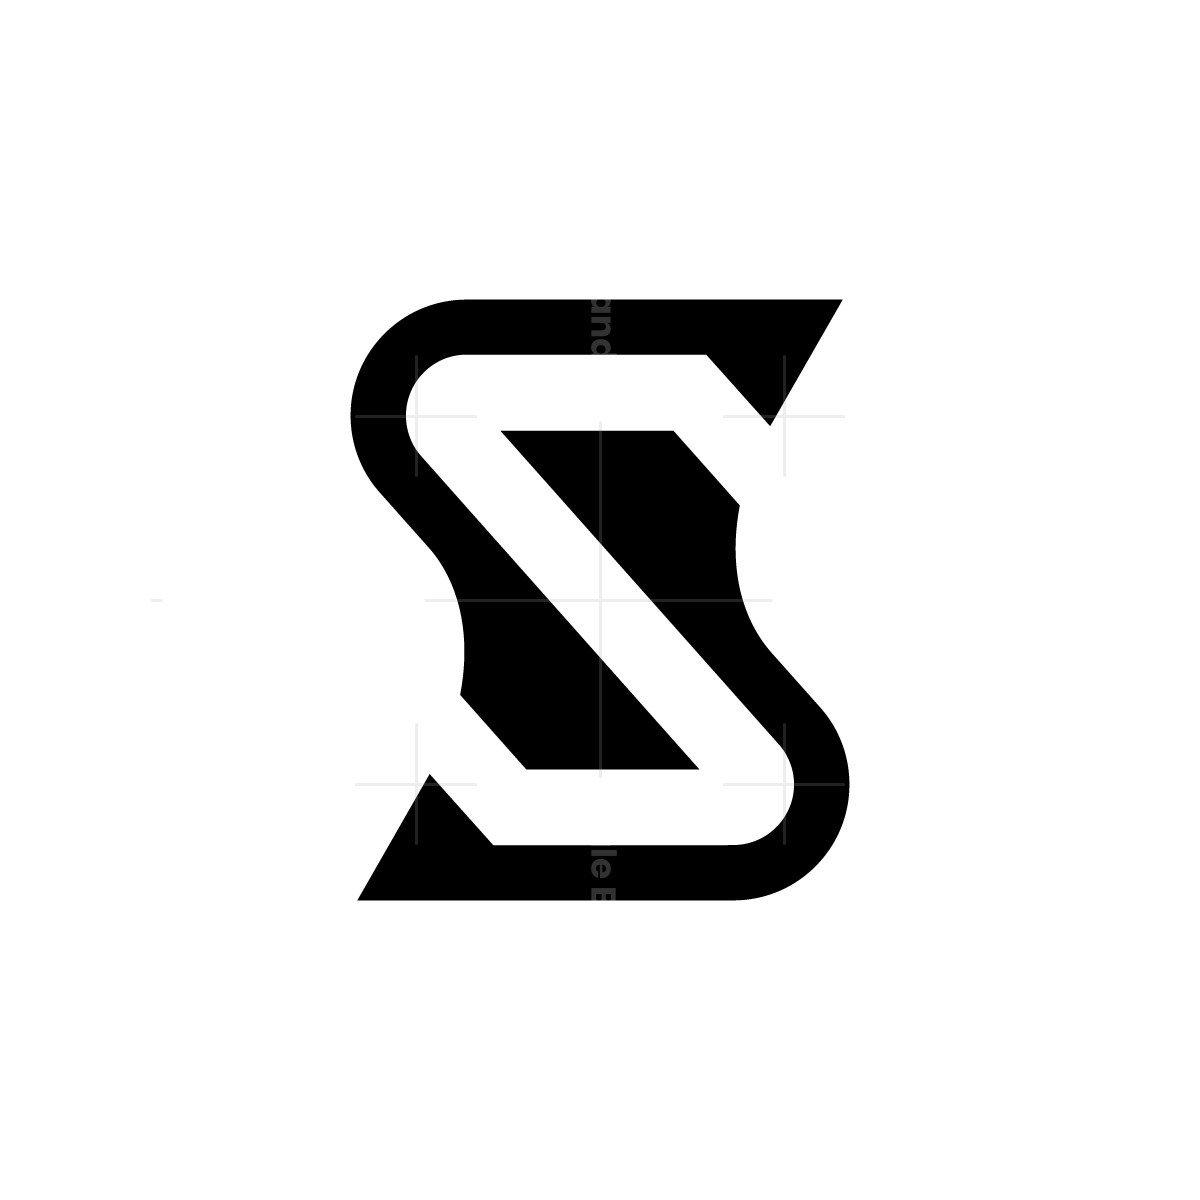 Modern Letter S Logo Design